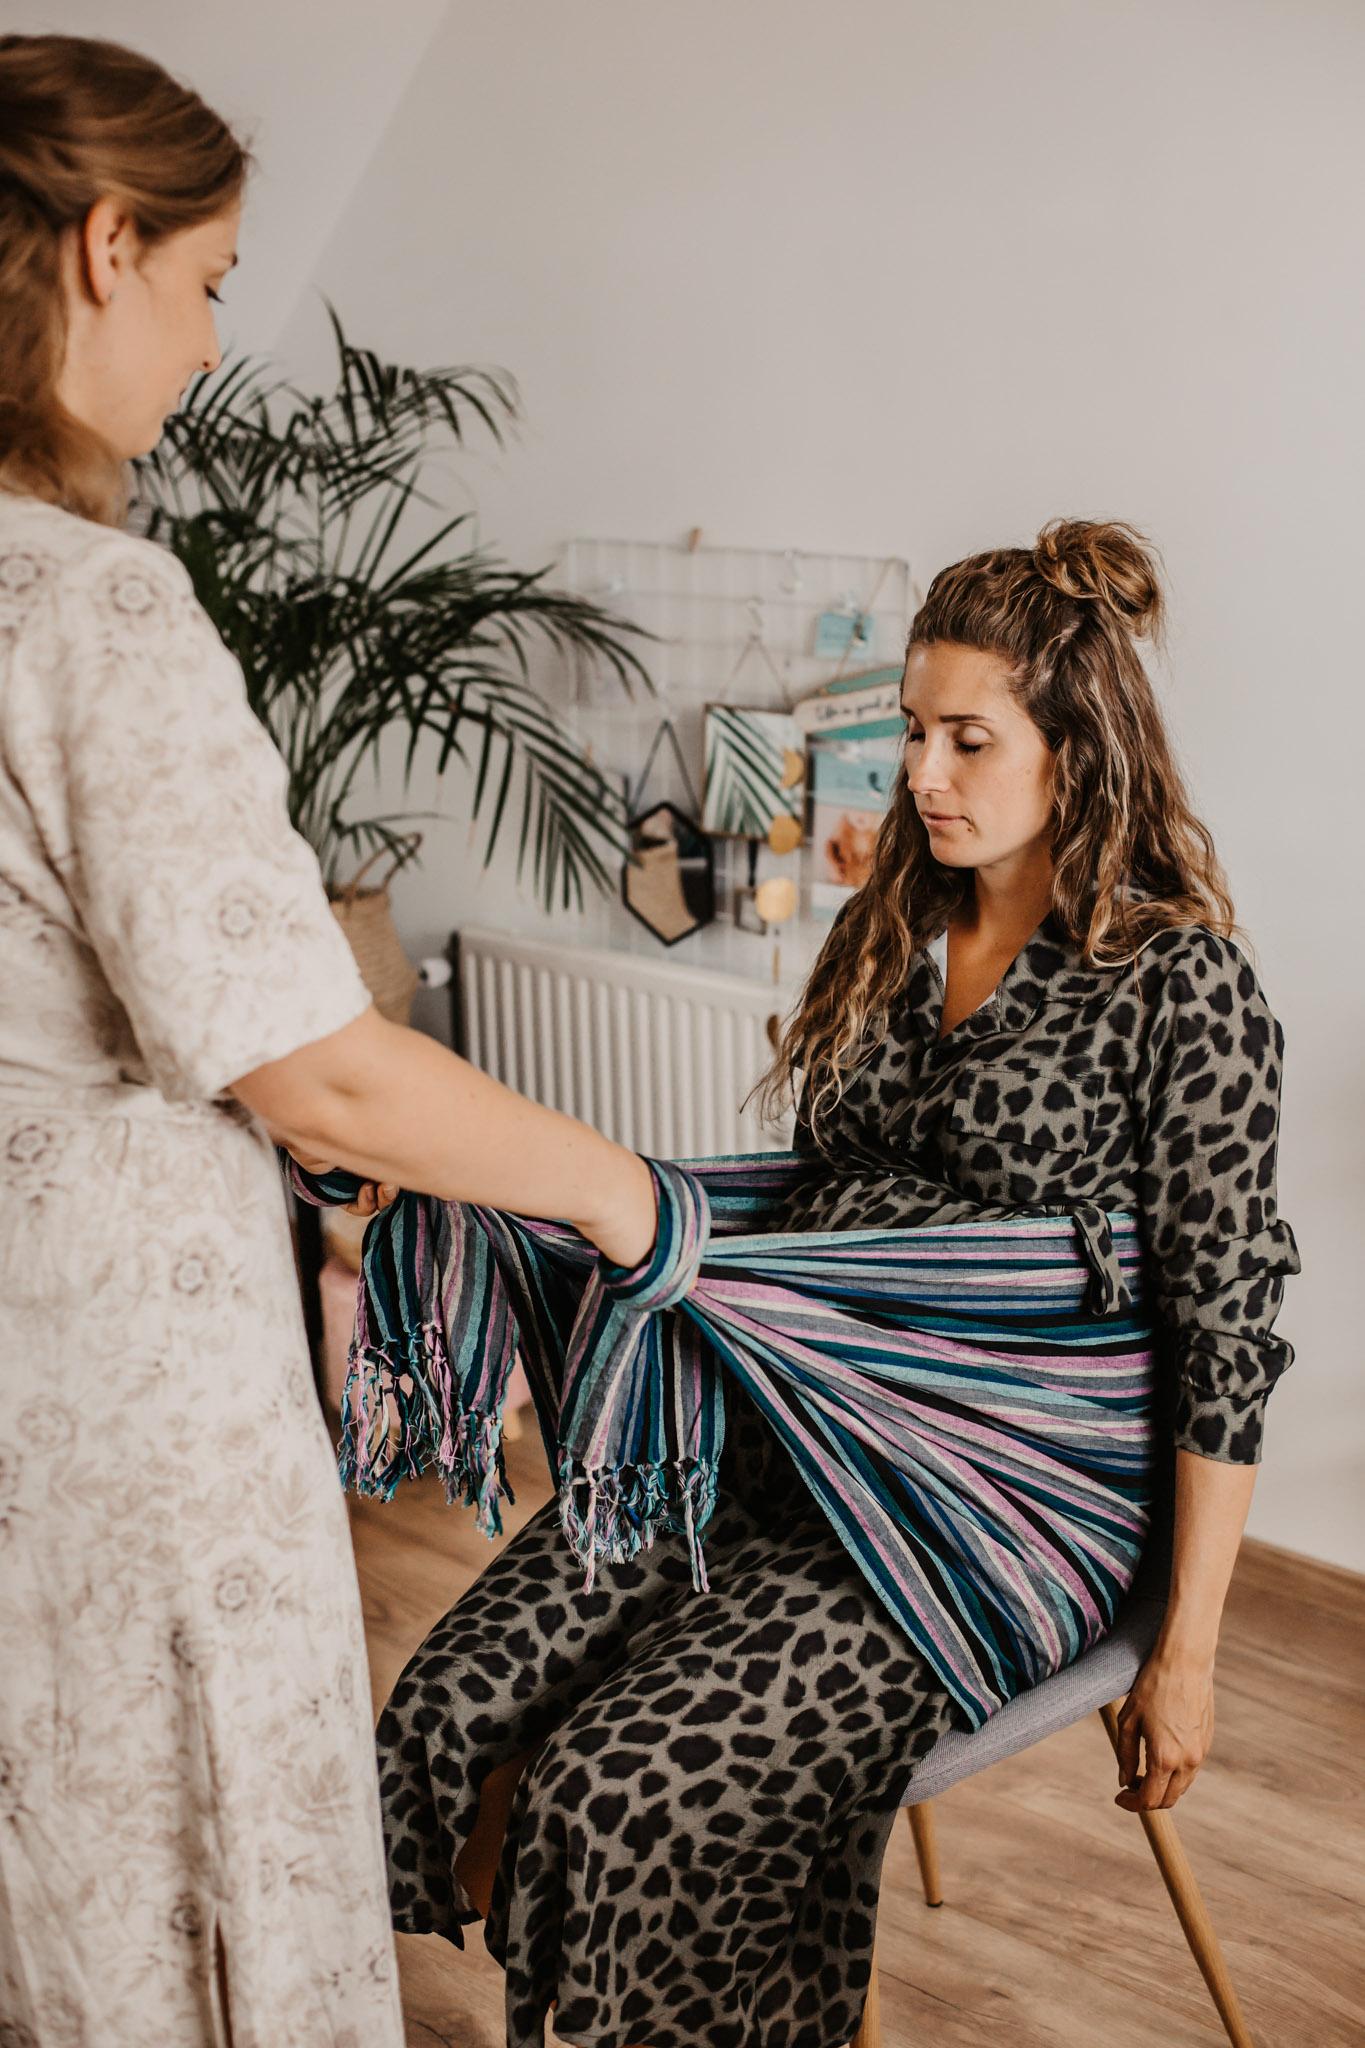 Nicolien-Lettinga-Rebozo-massage-vrouwen